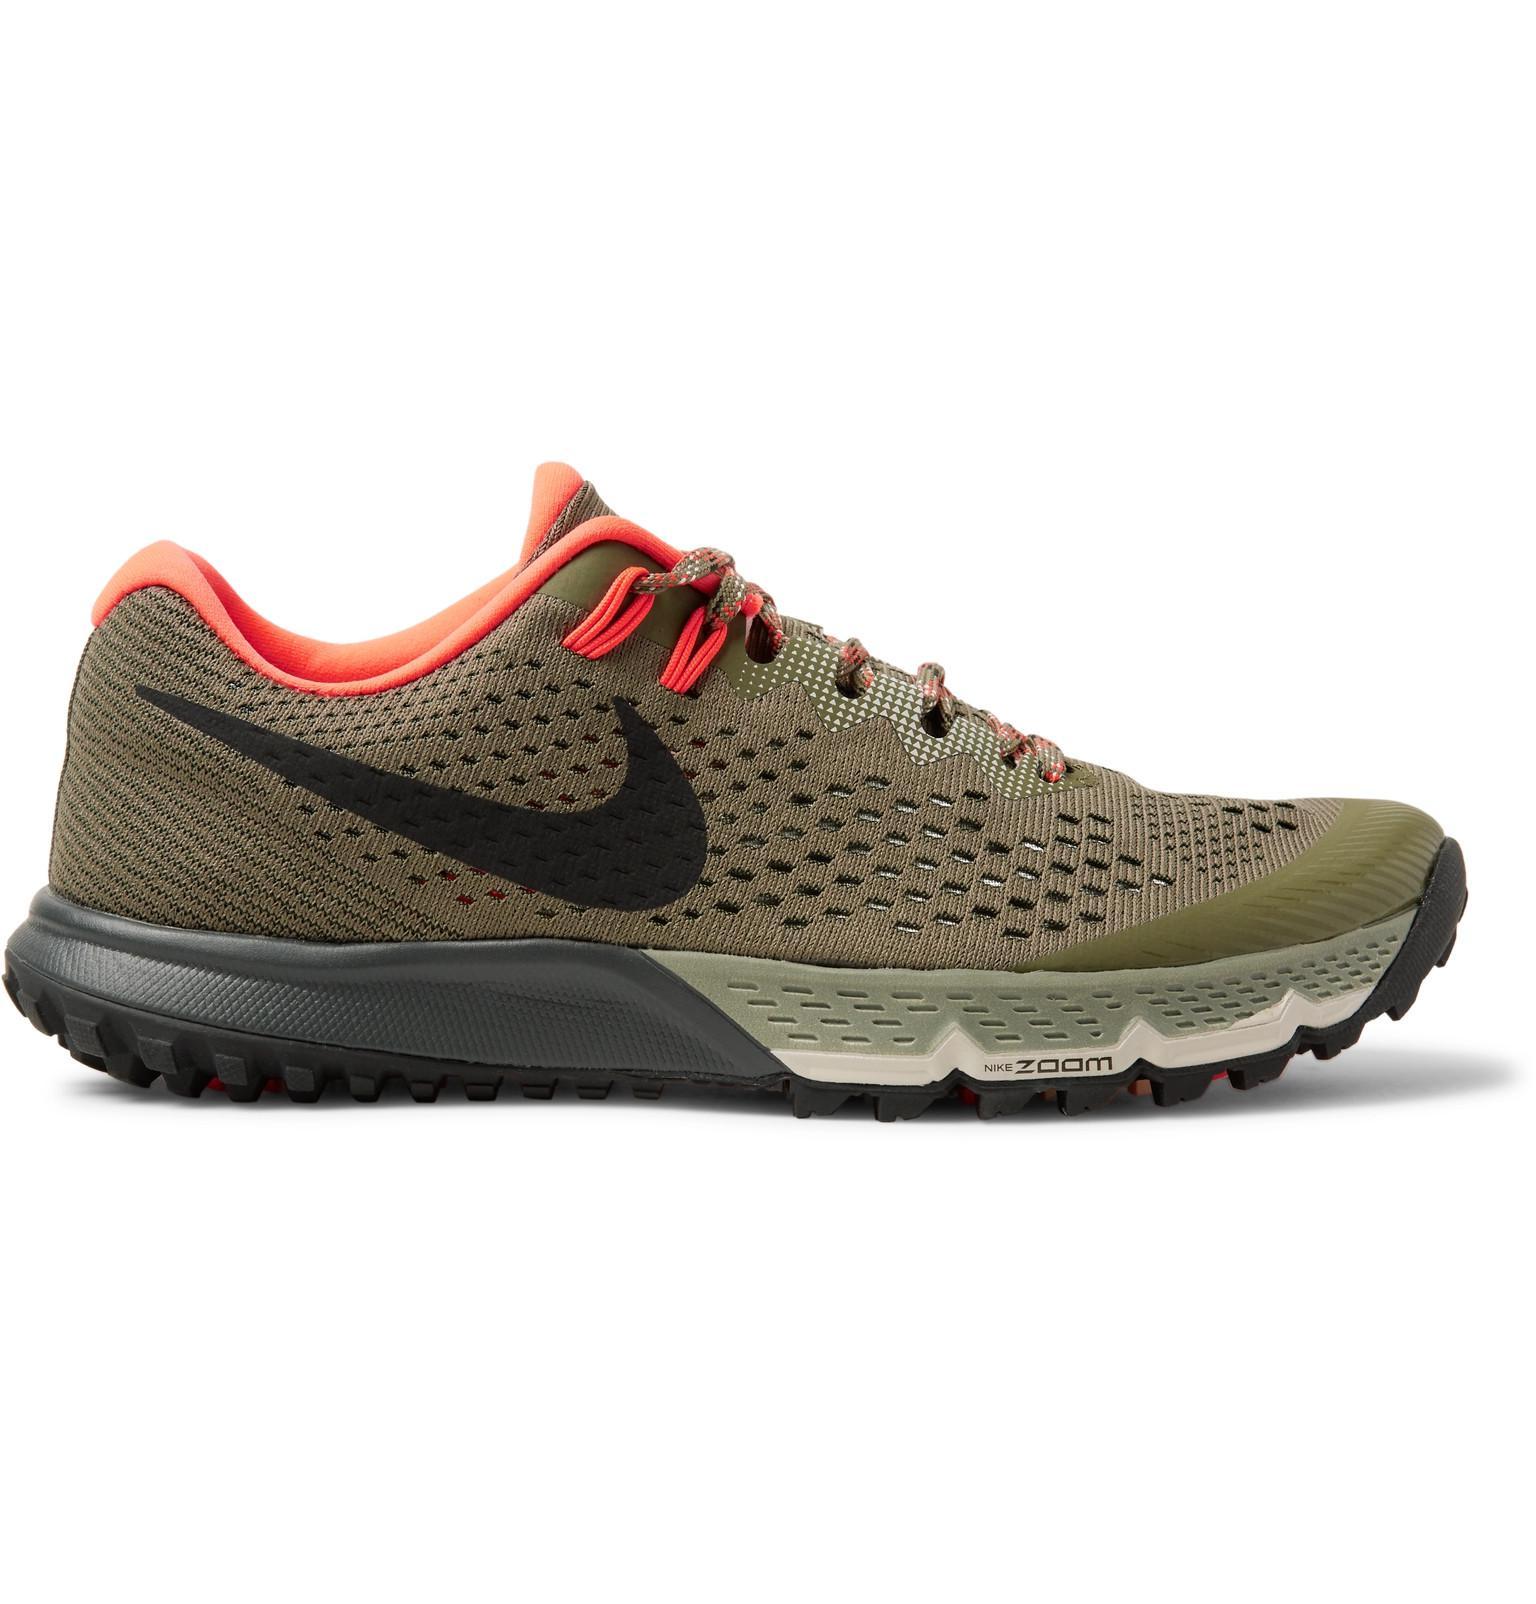 Zoom Terra Kiger 4 Flymesh Sneakers Nike egf9rvS0